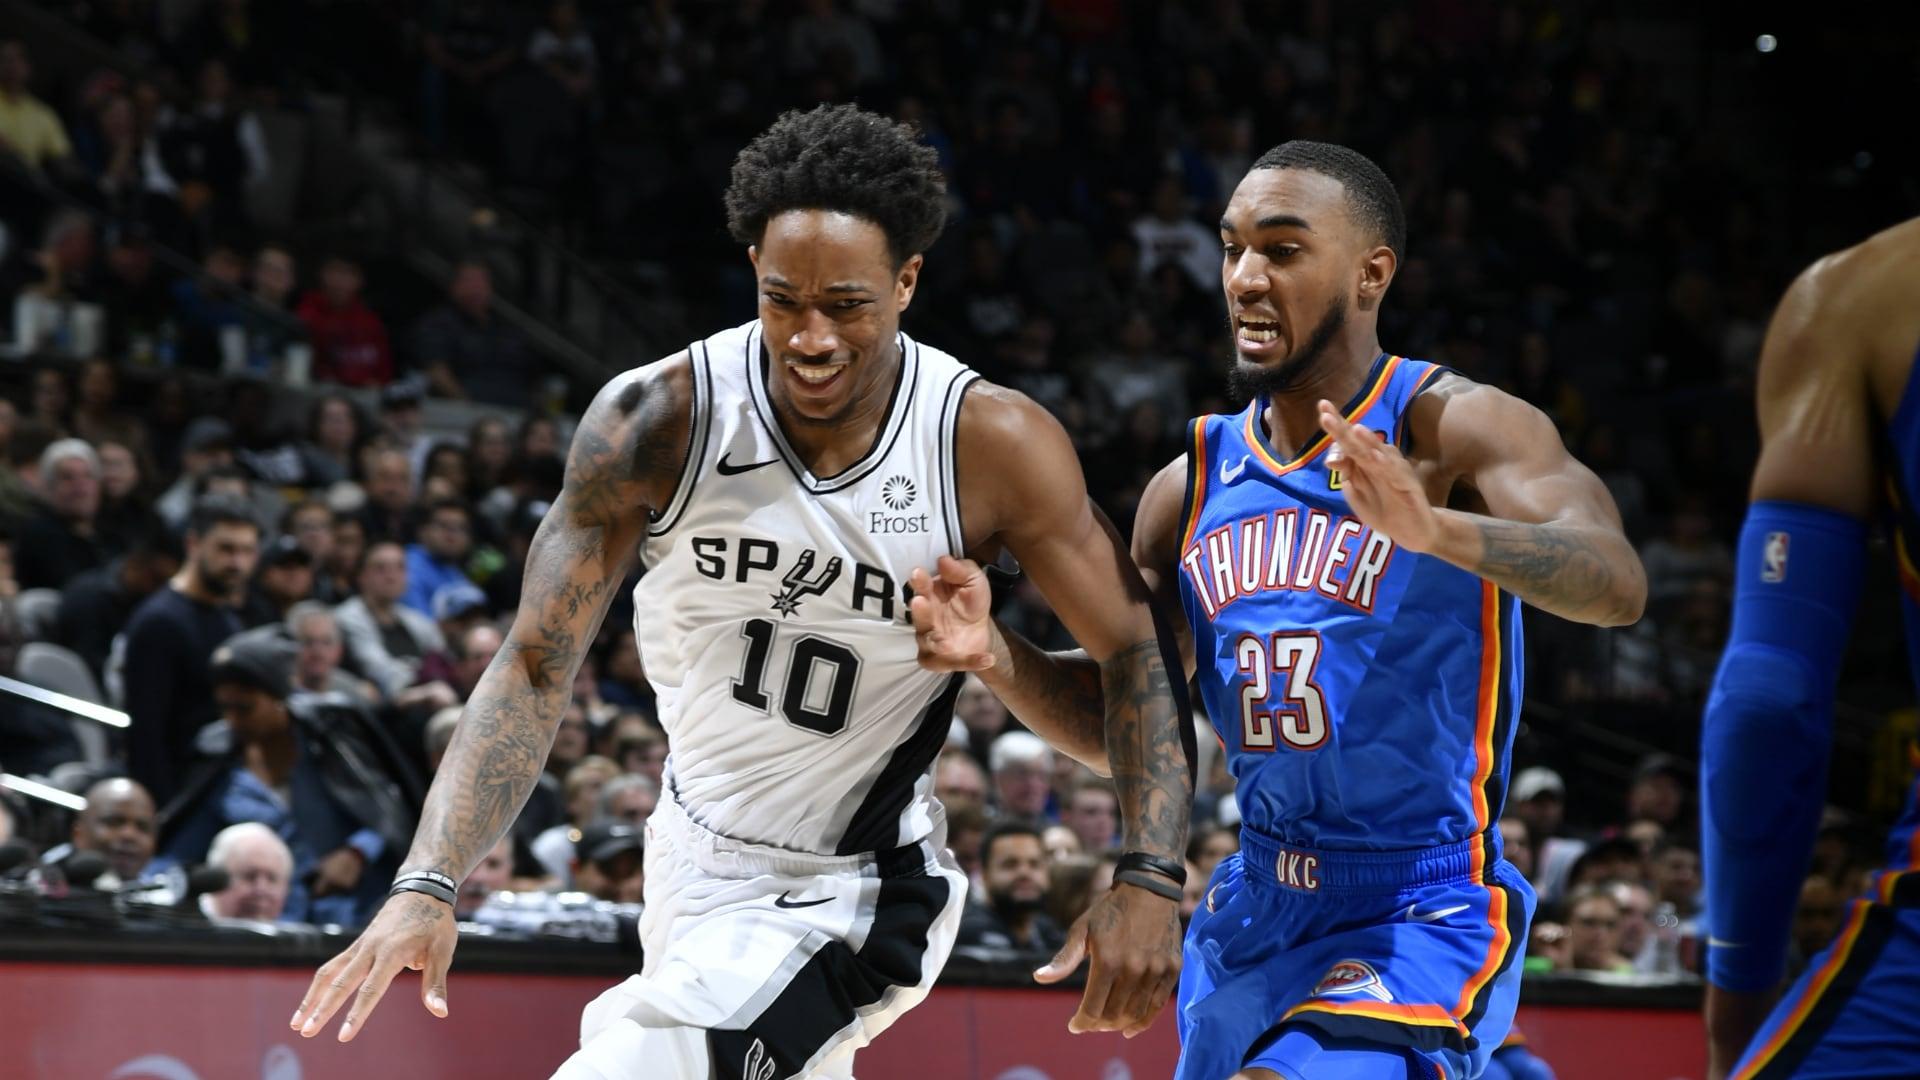 Thunder @ Spurs